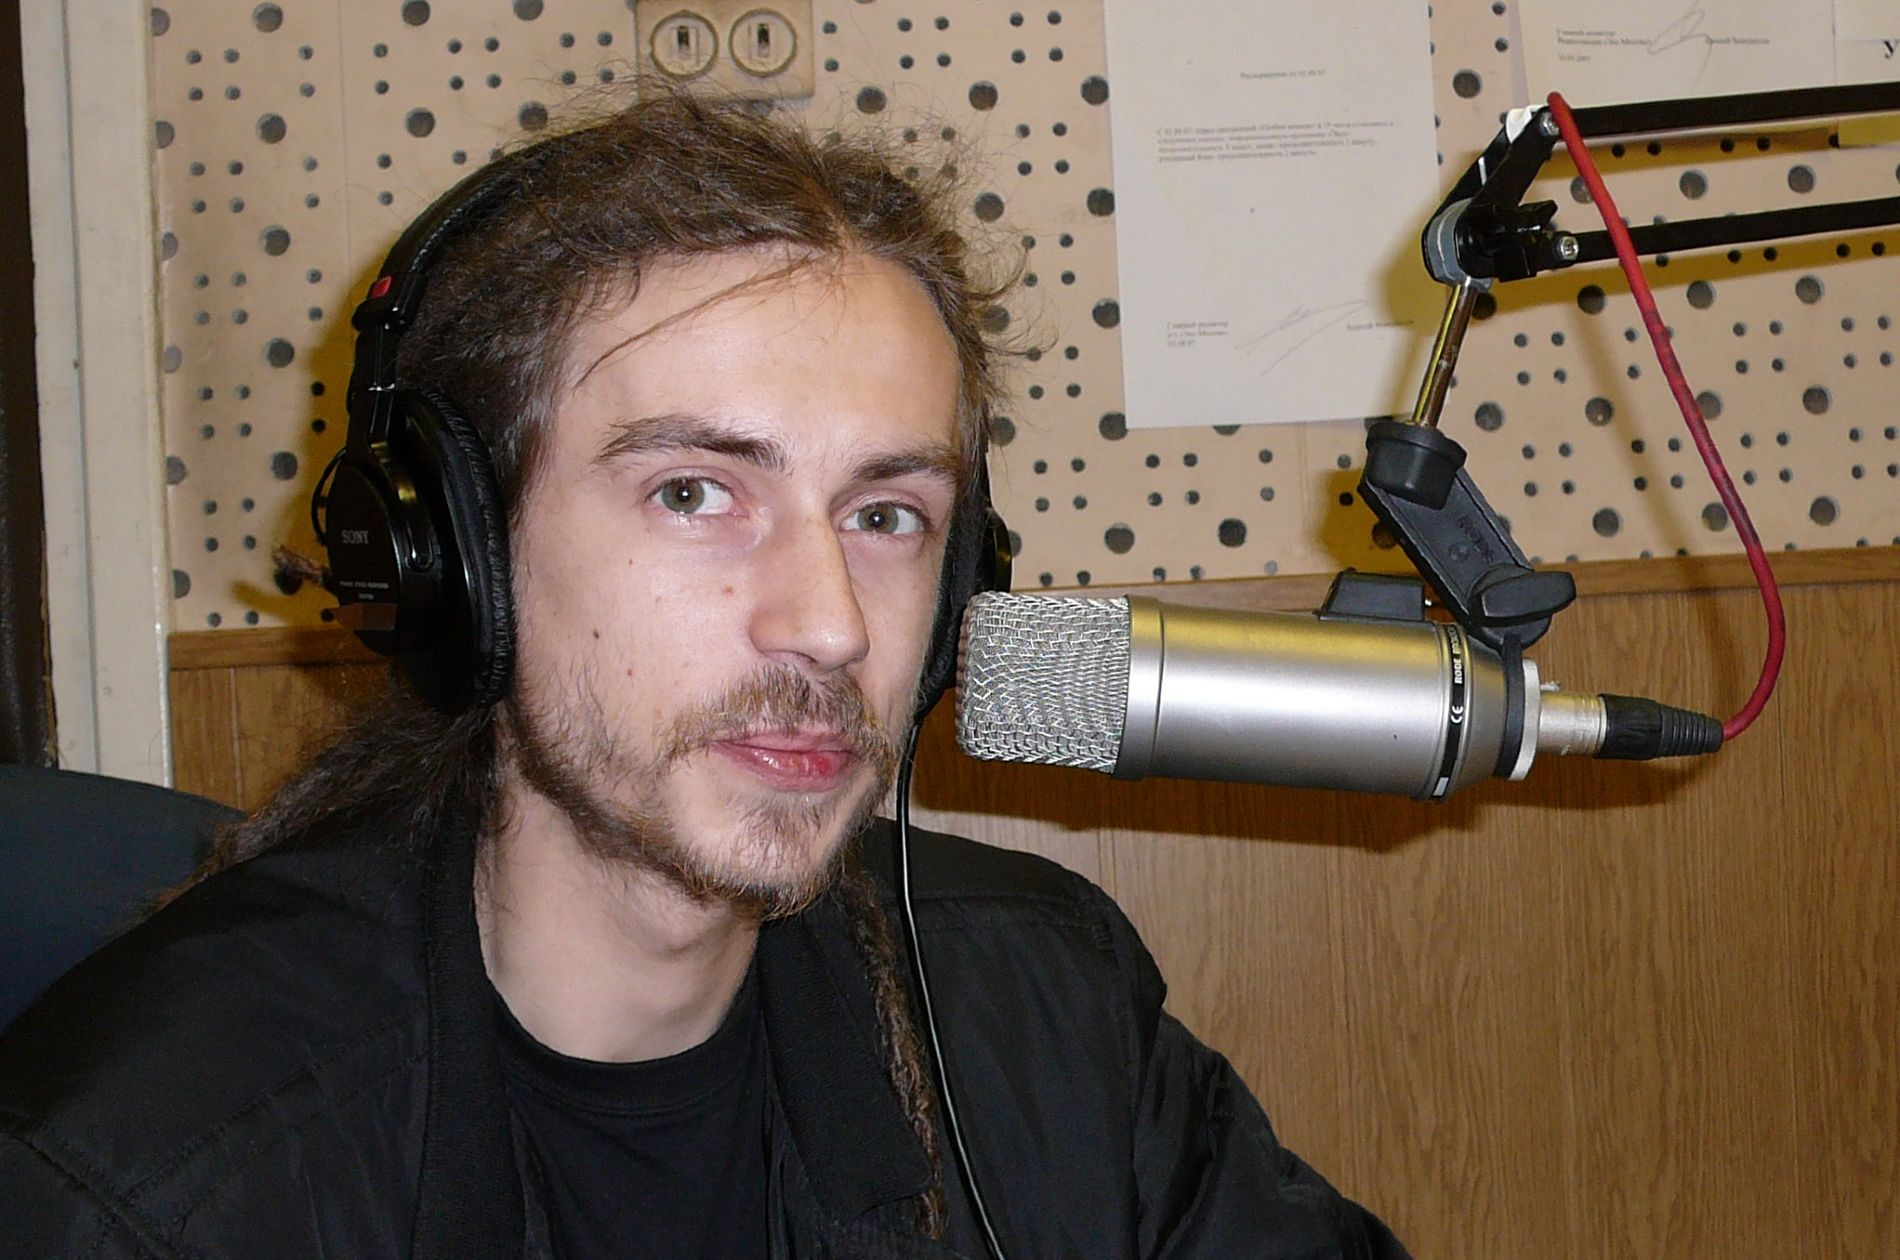 Децл ©Фото Alexander Plyushchev с сайта commons.wikimedia.org